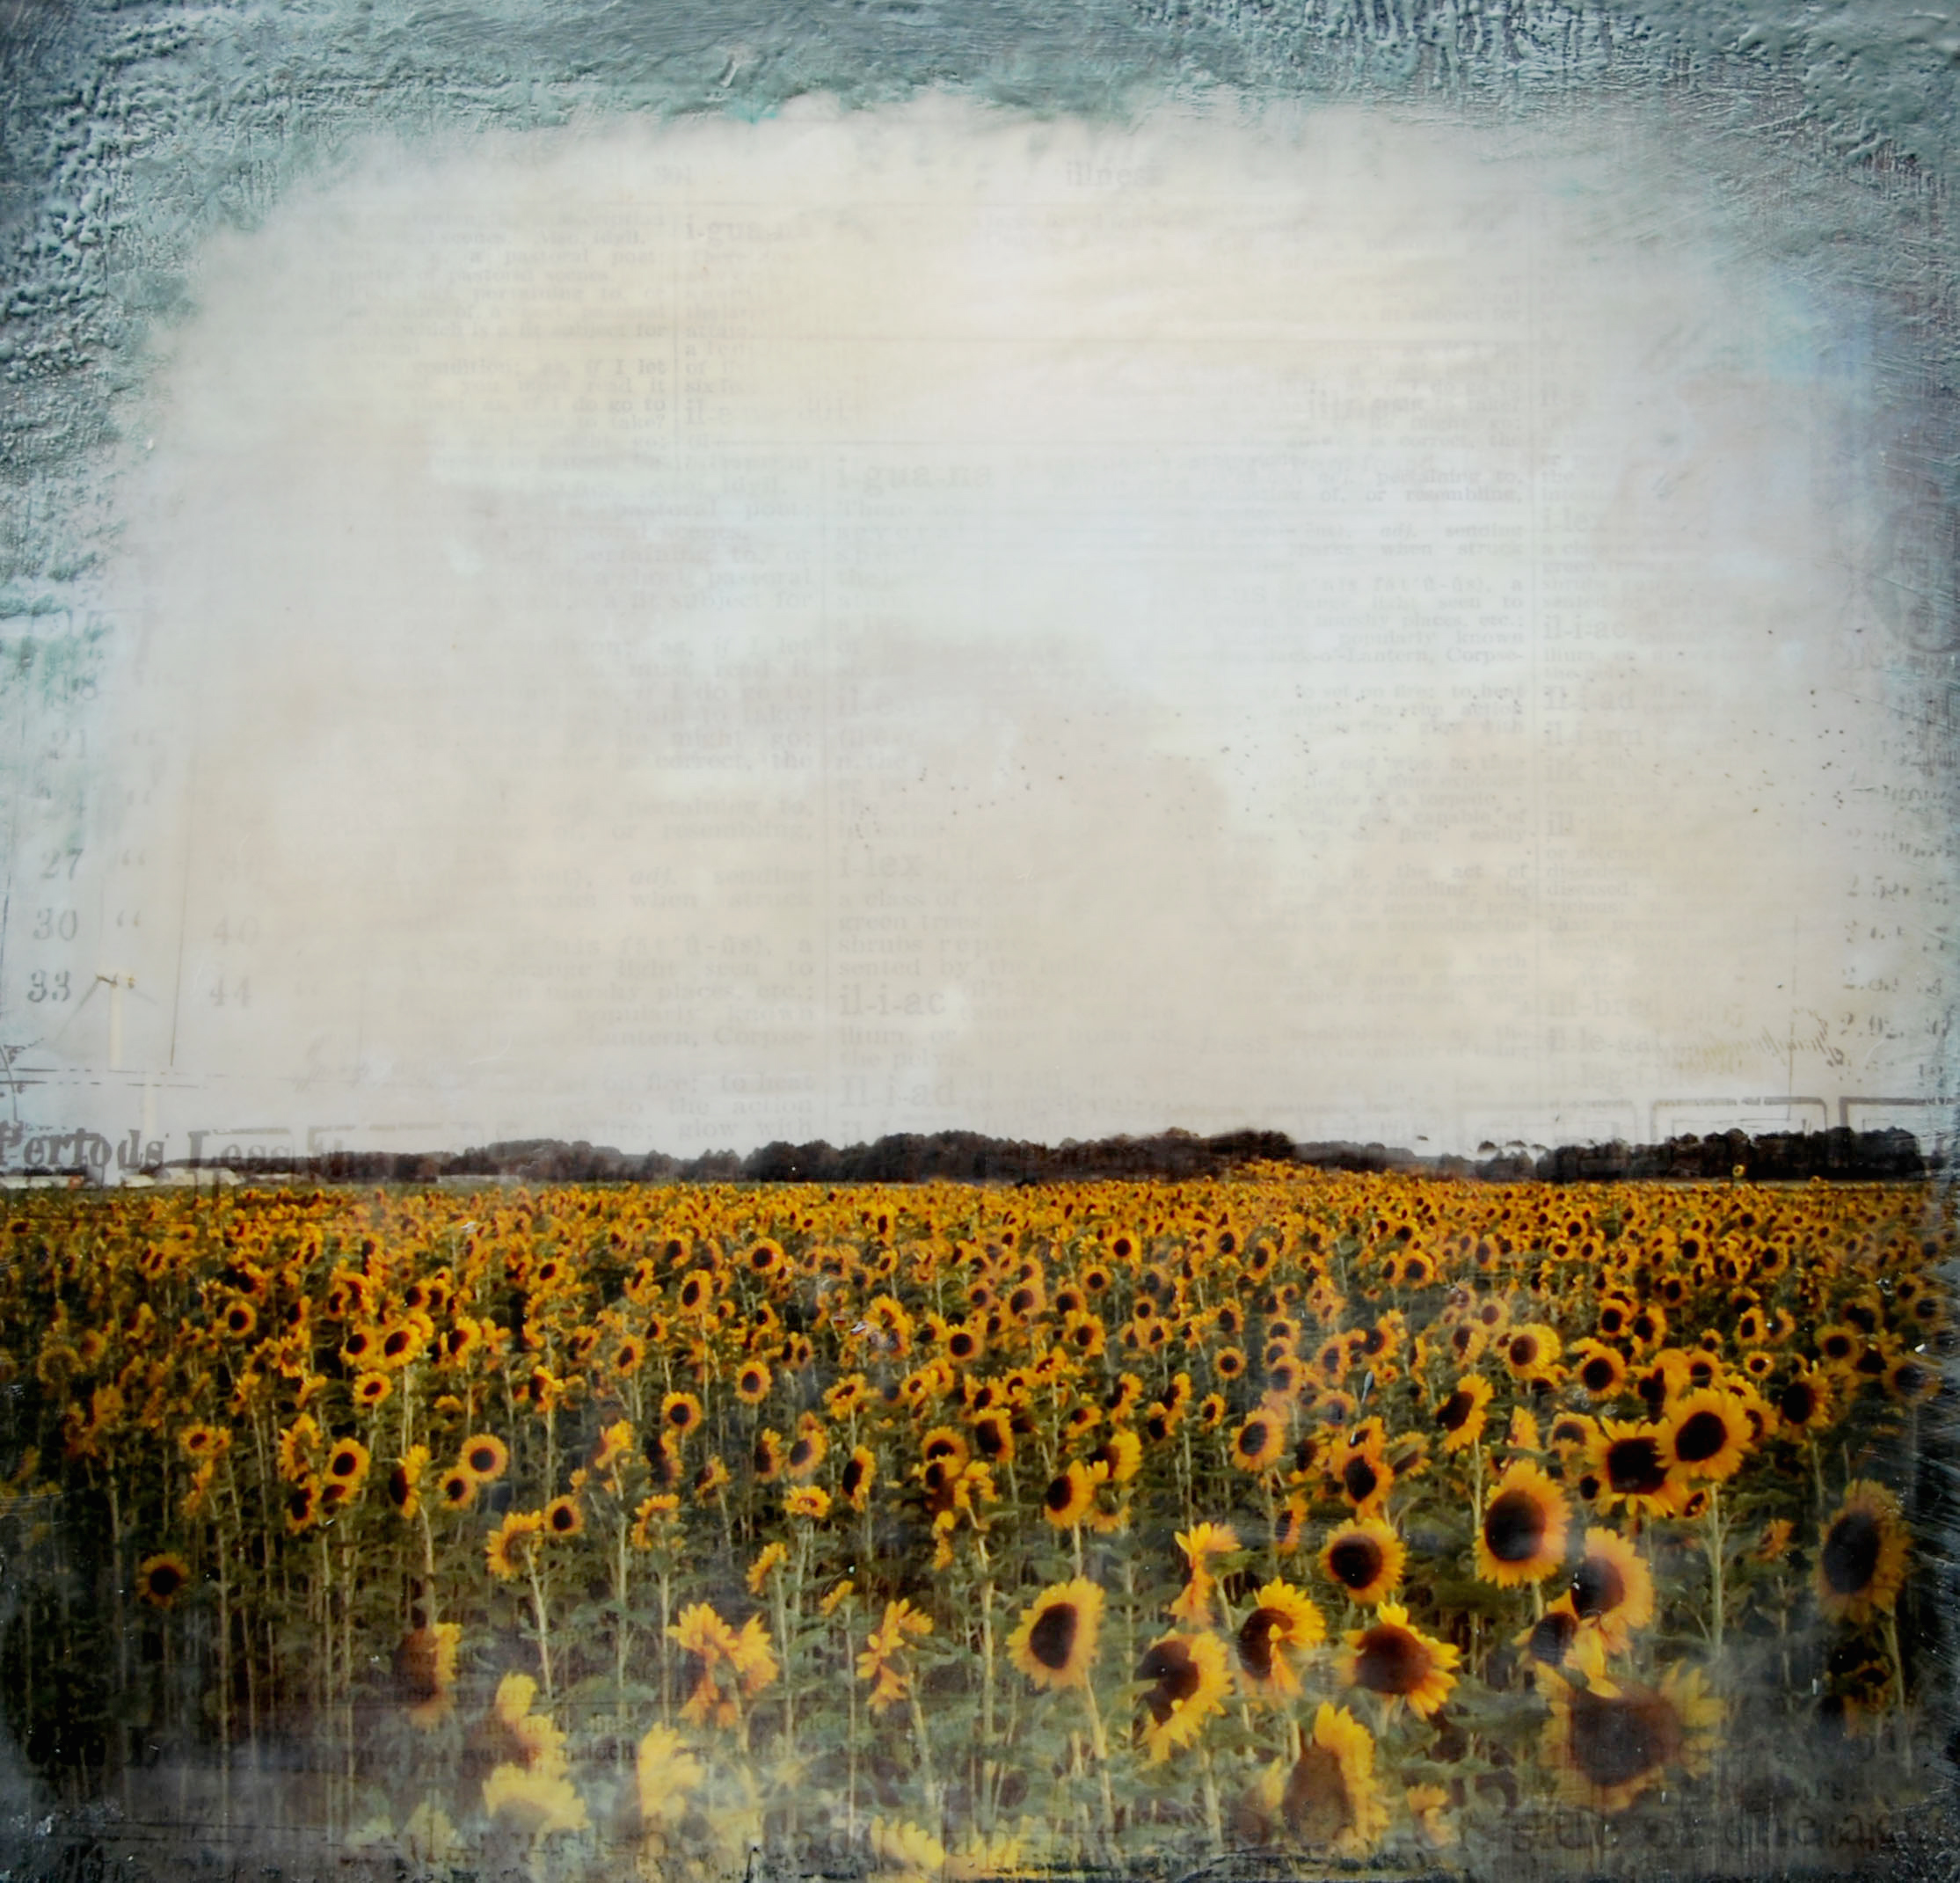 Joya Paul, Sunflowers, 2011